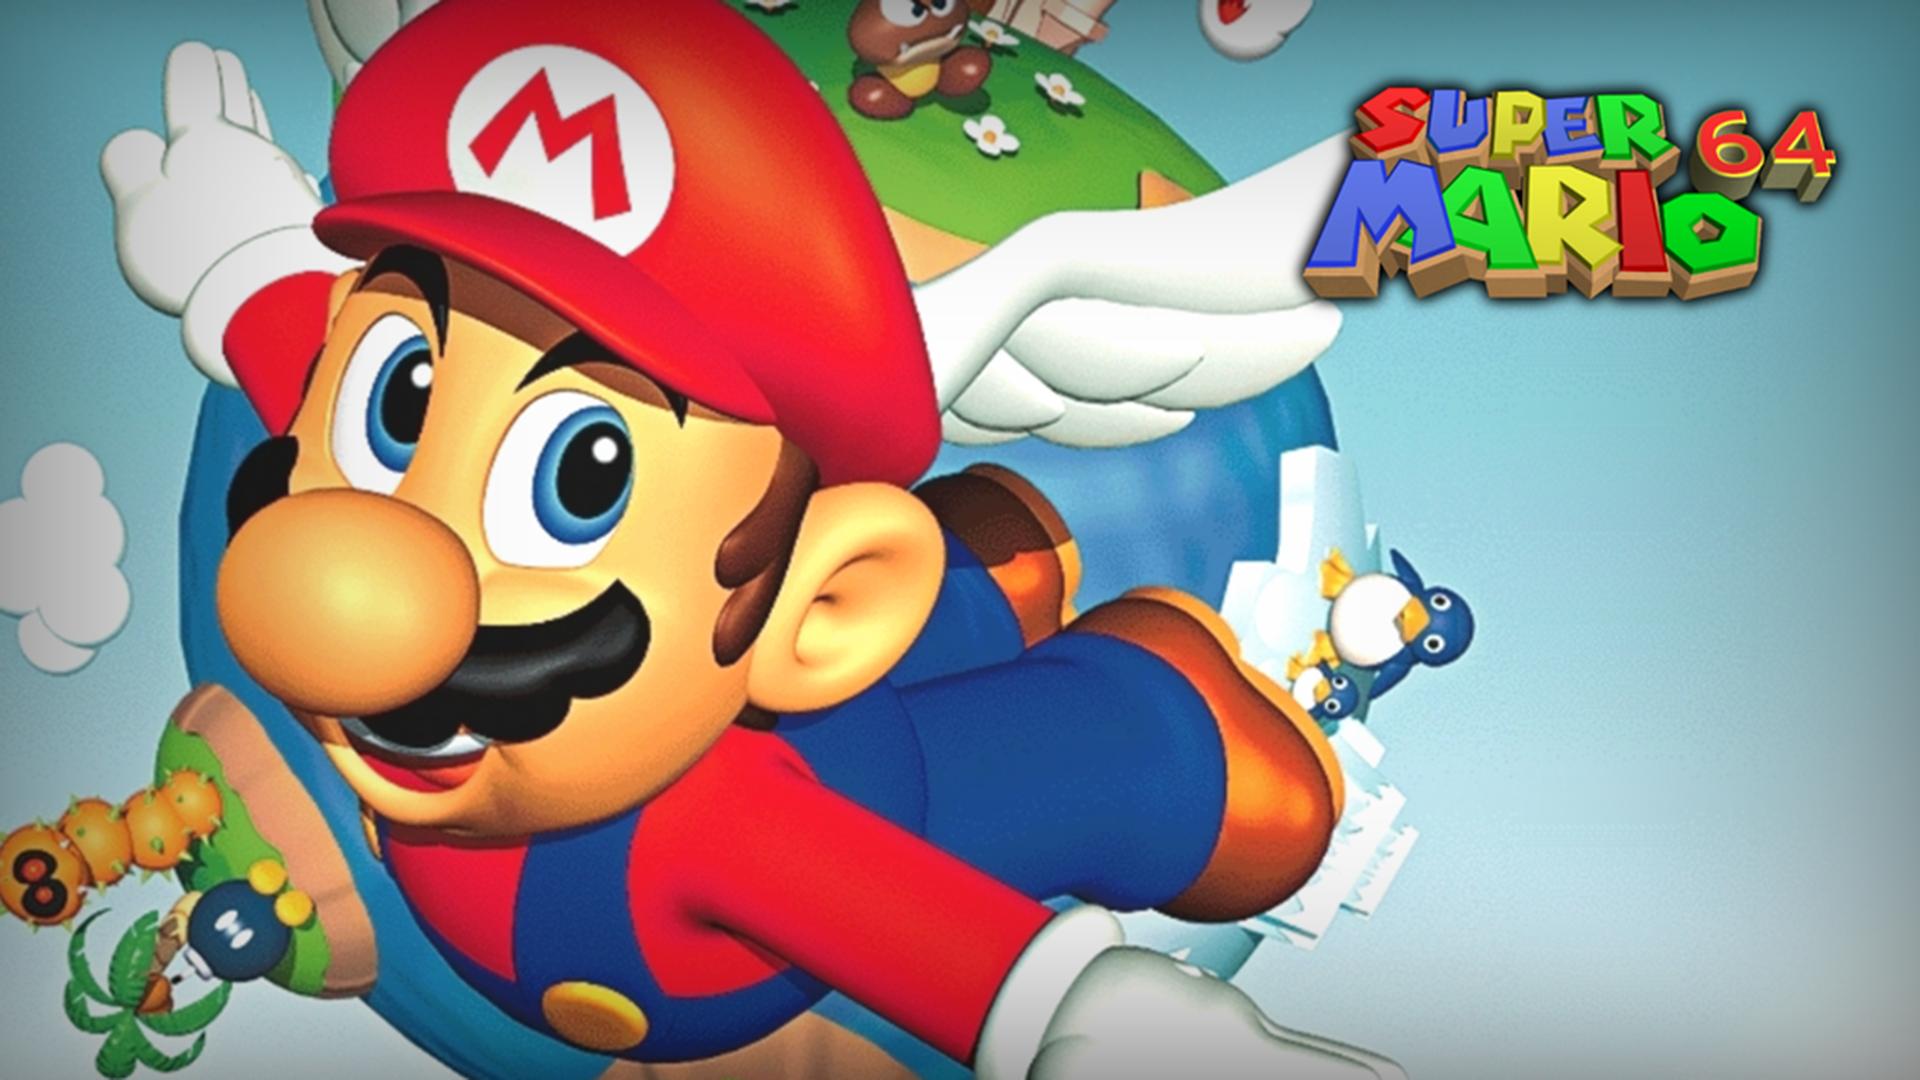 Super Mario Odyssey 64, ромхак Super Mario Odyssey для Super Mario 64, доступен для скачивания